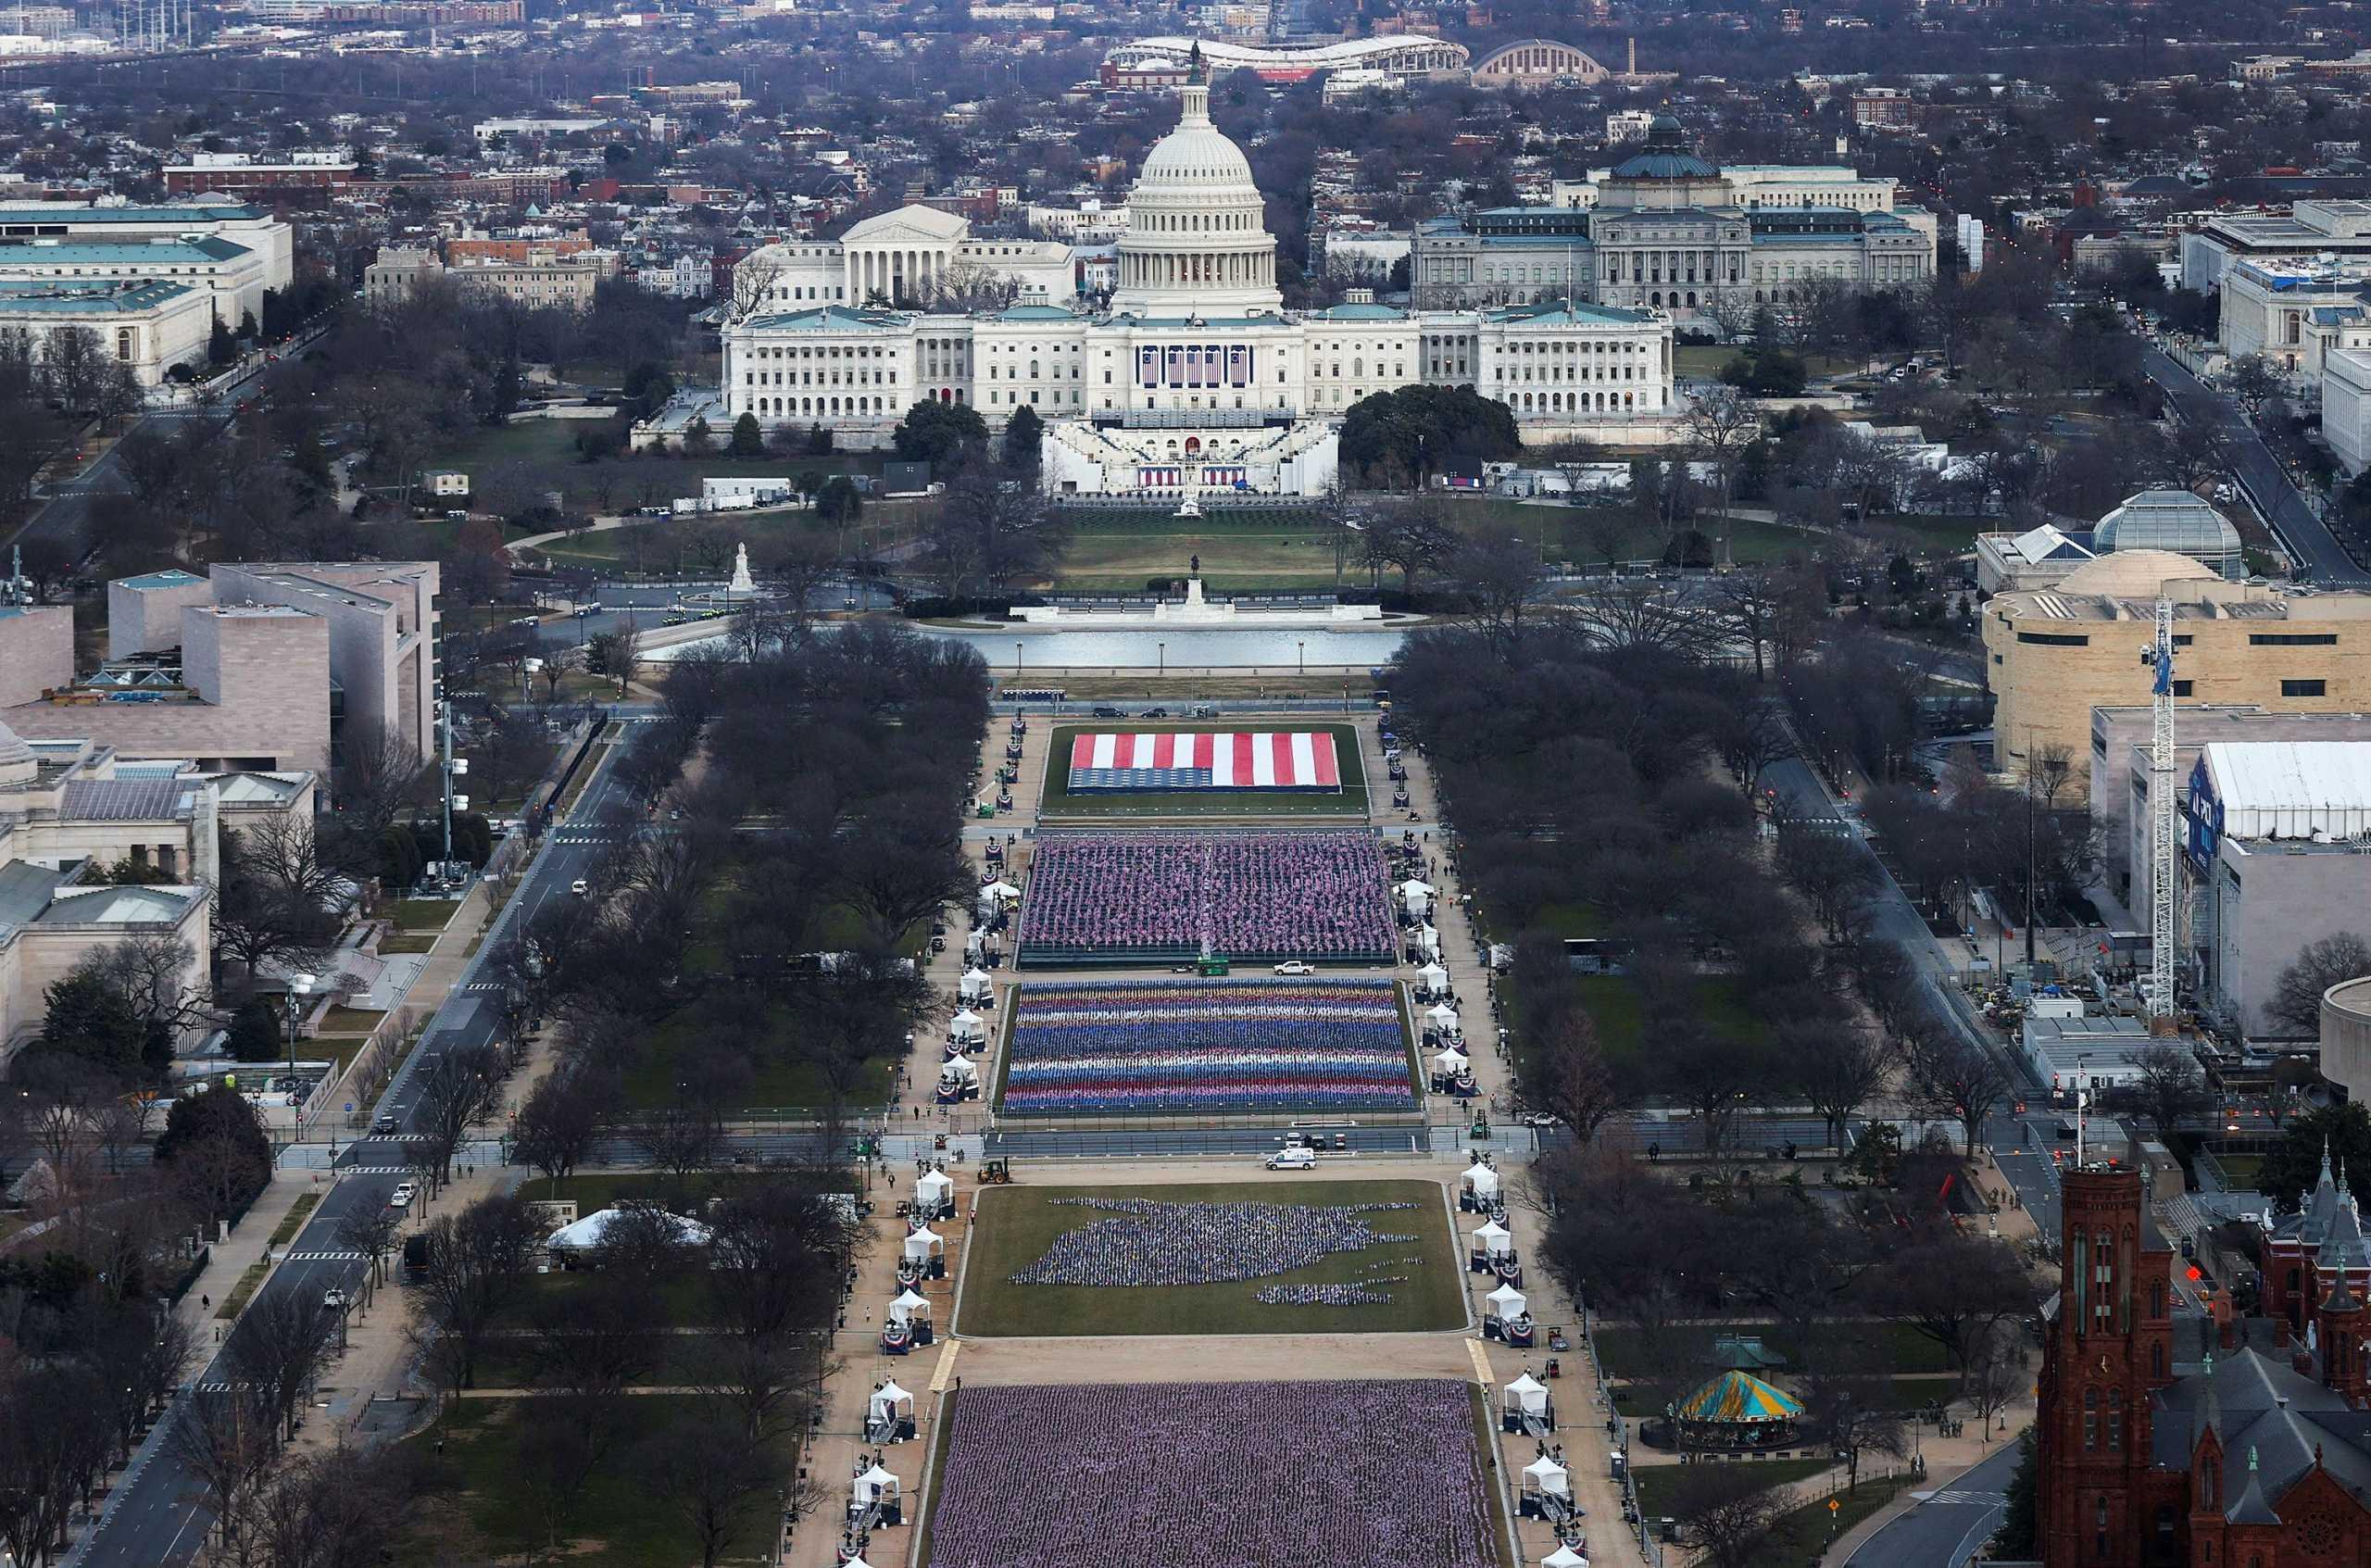 Ορκωμοσία Μπάιντεν στα χρόνια του κορονοϊού: 200.000 σημαίες αντί για ανθρώπους στο National Mall